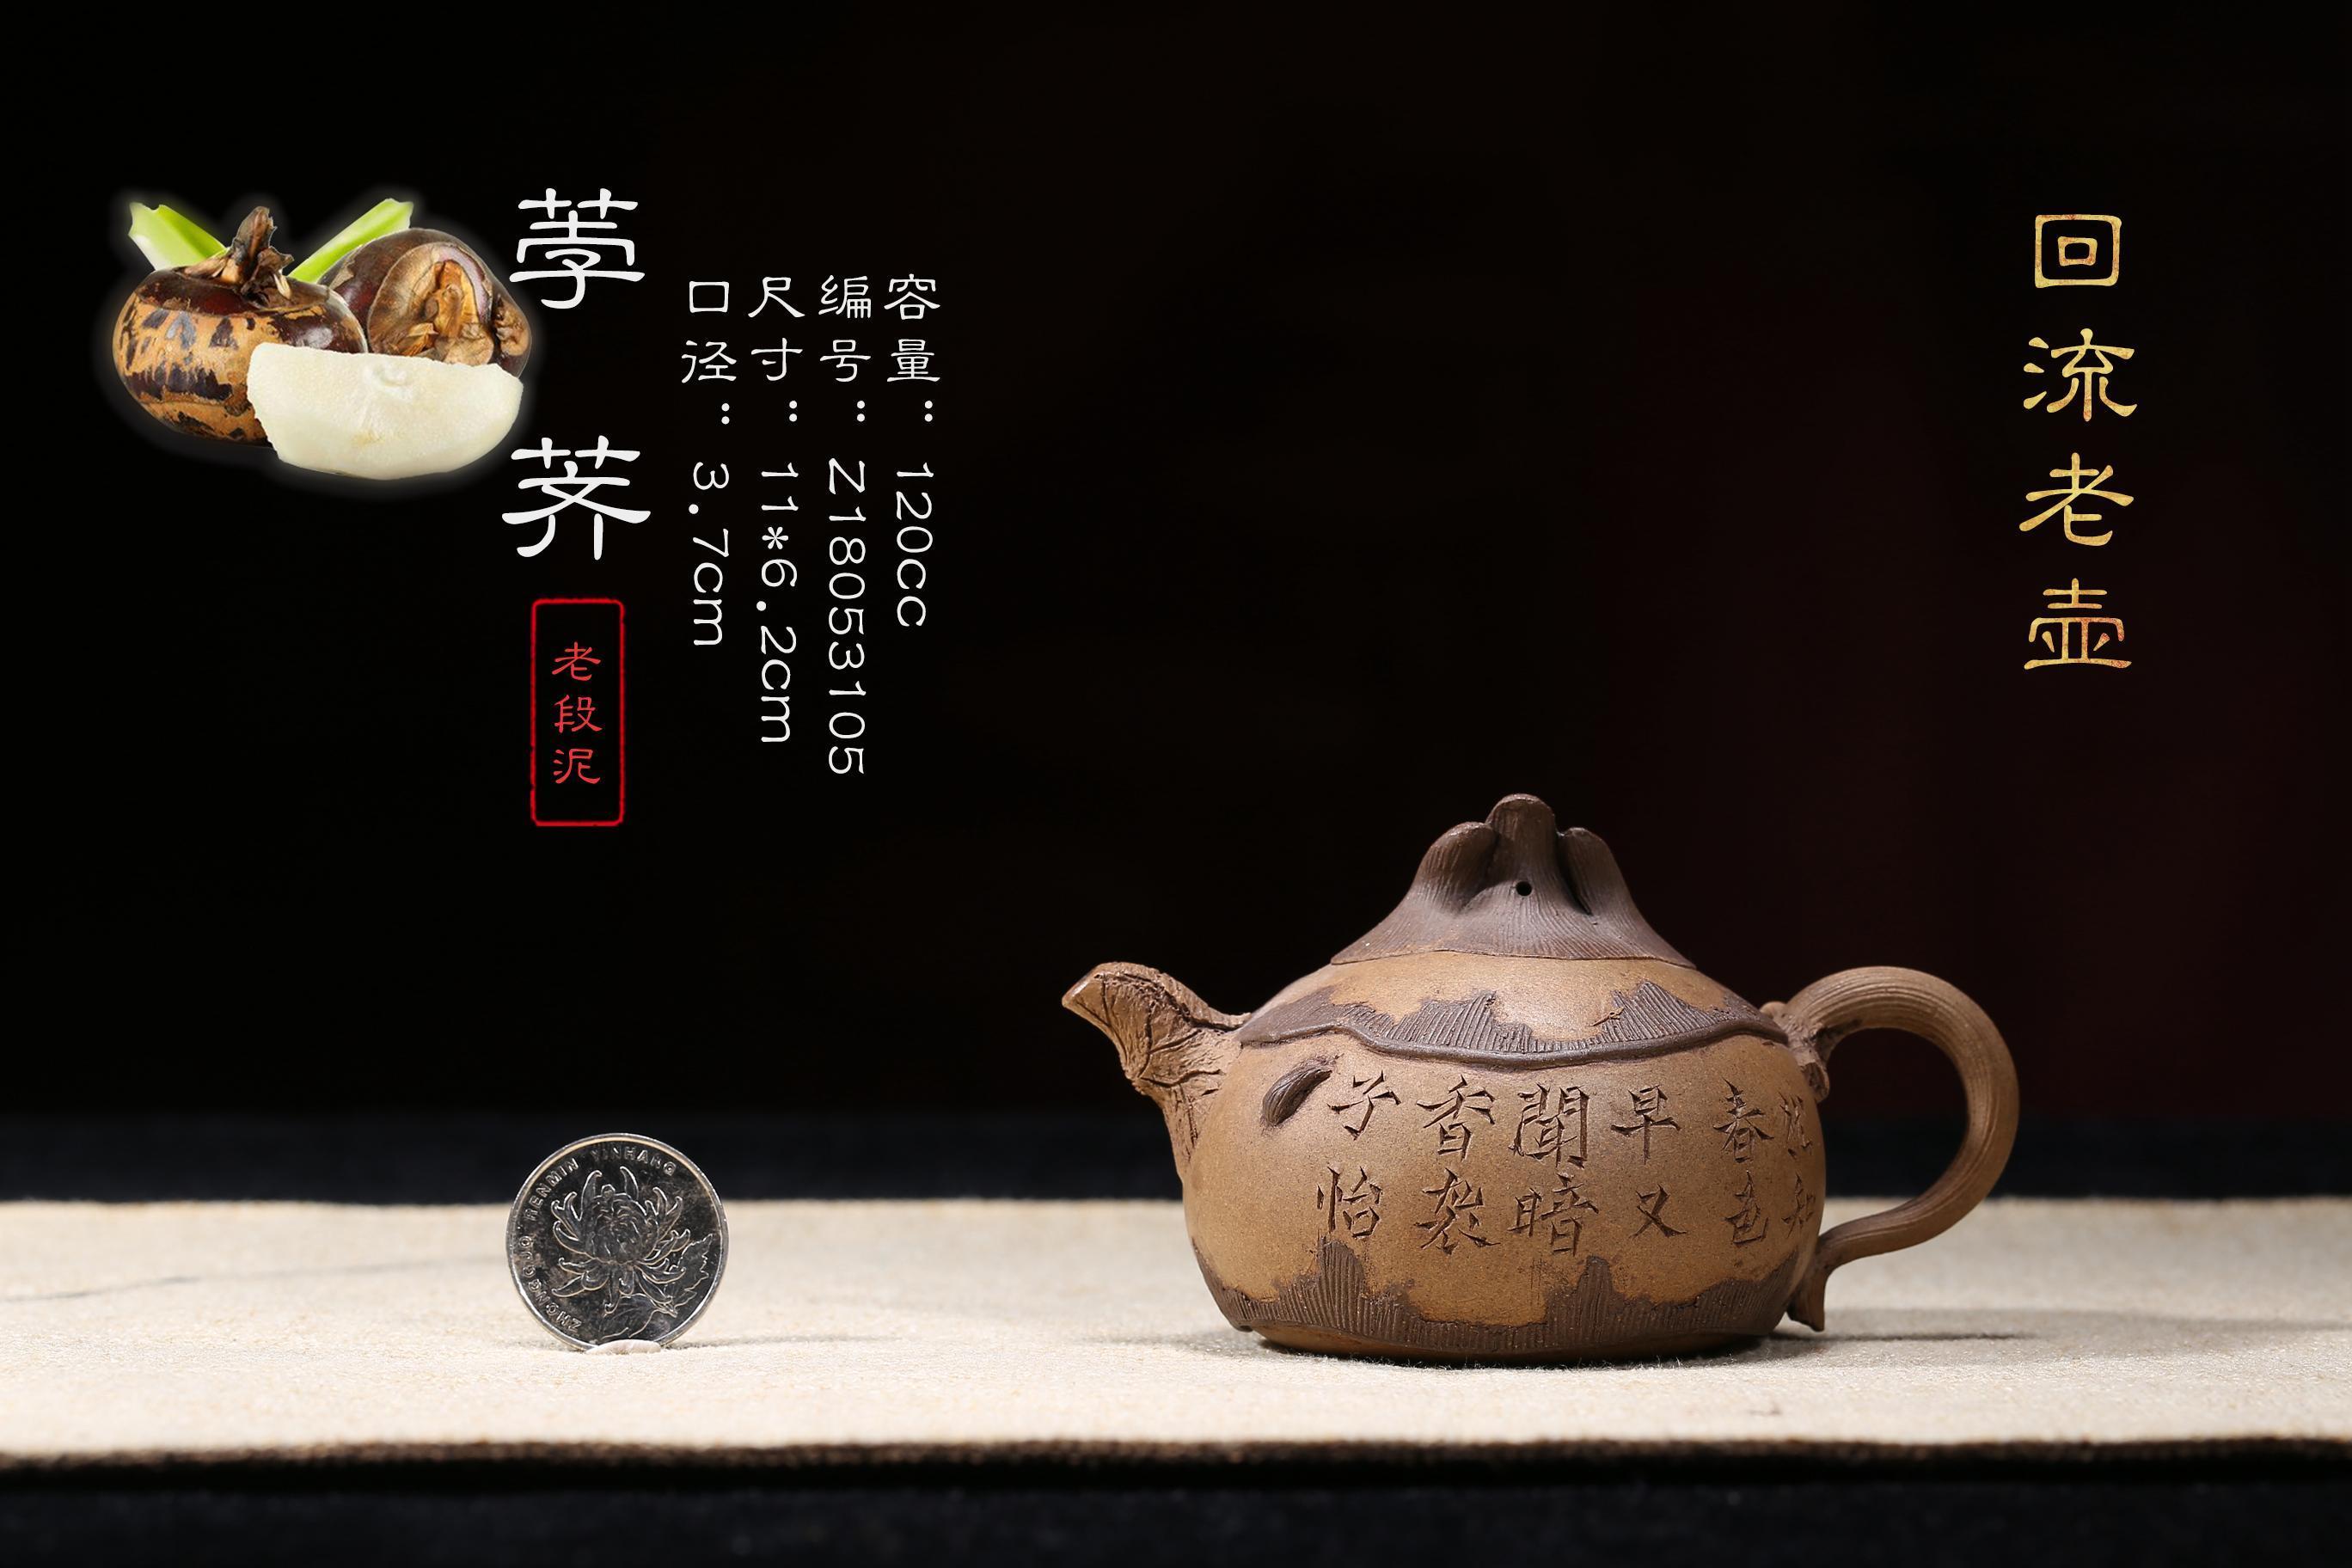 宜兴紫砂壶-荸荠壶-趣淘壶